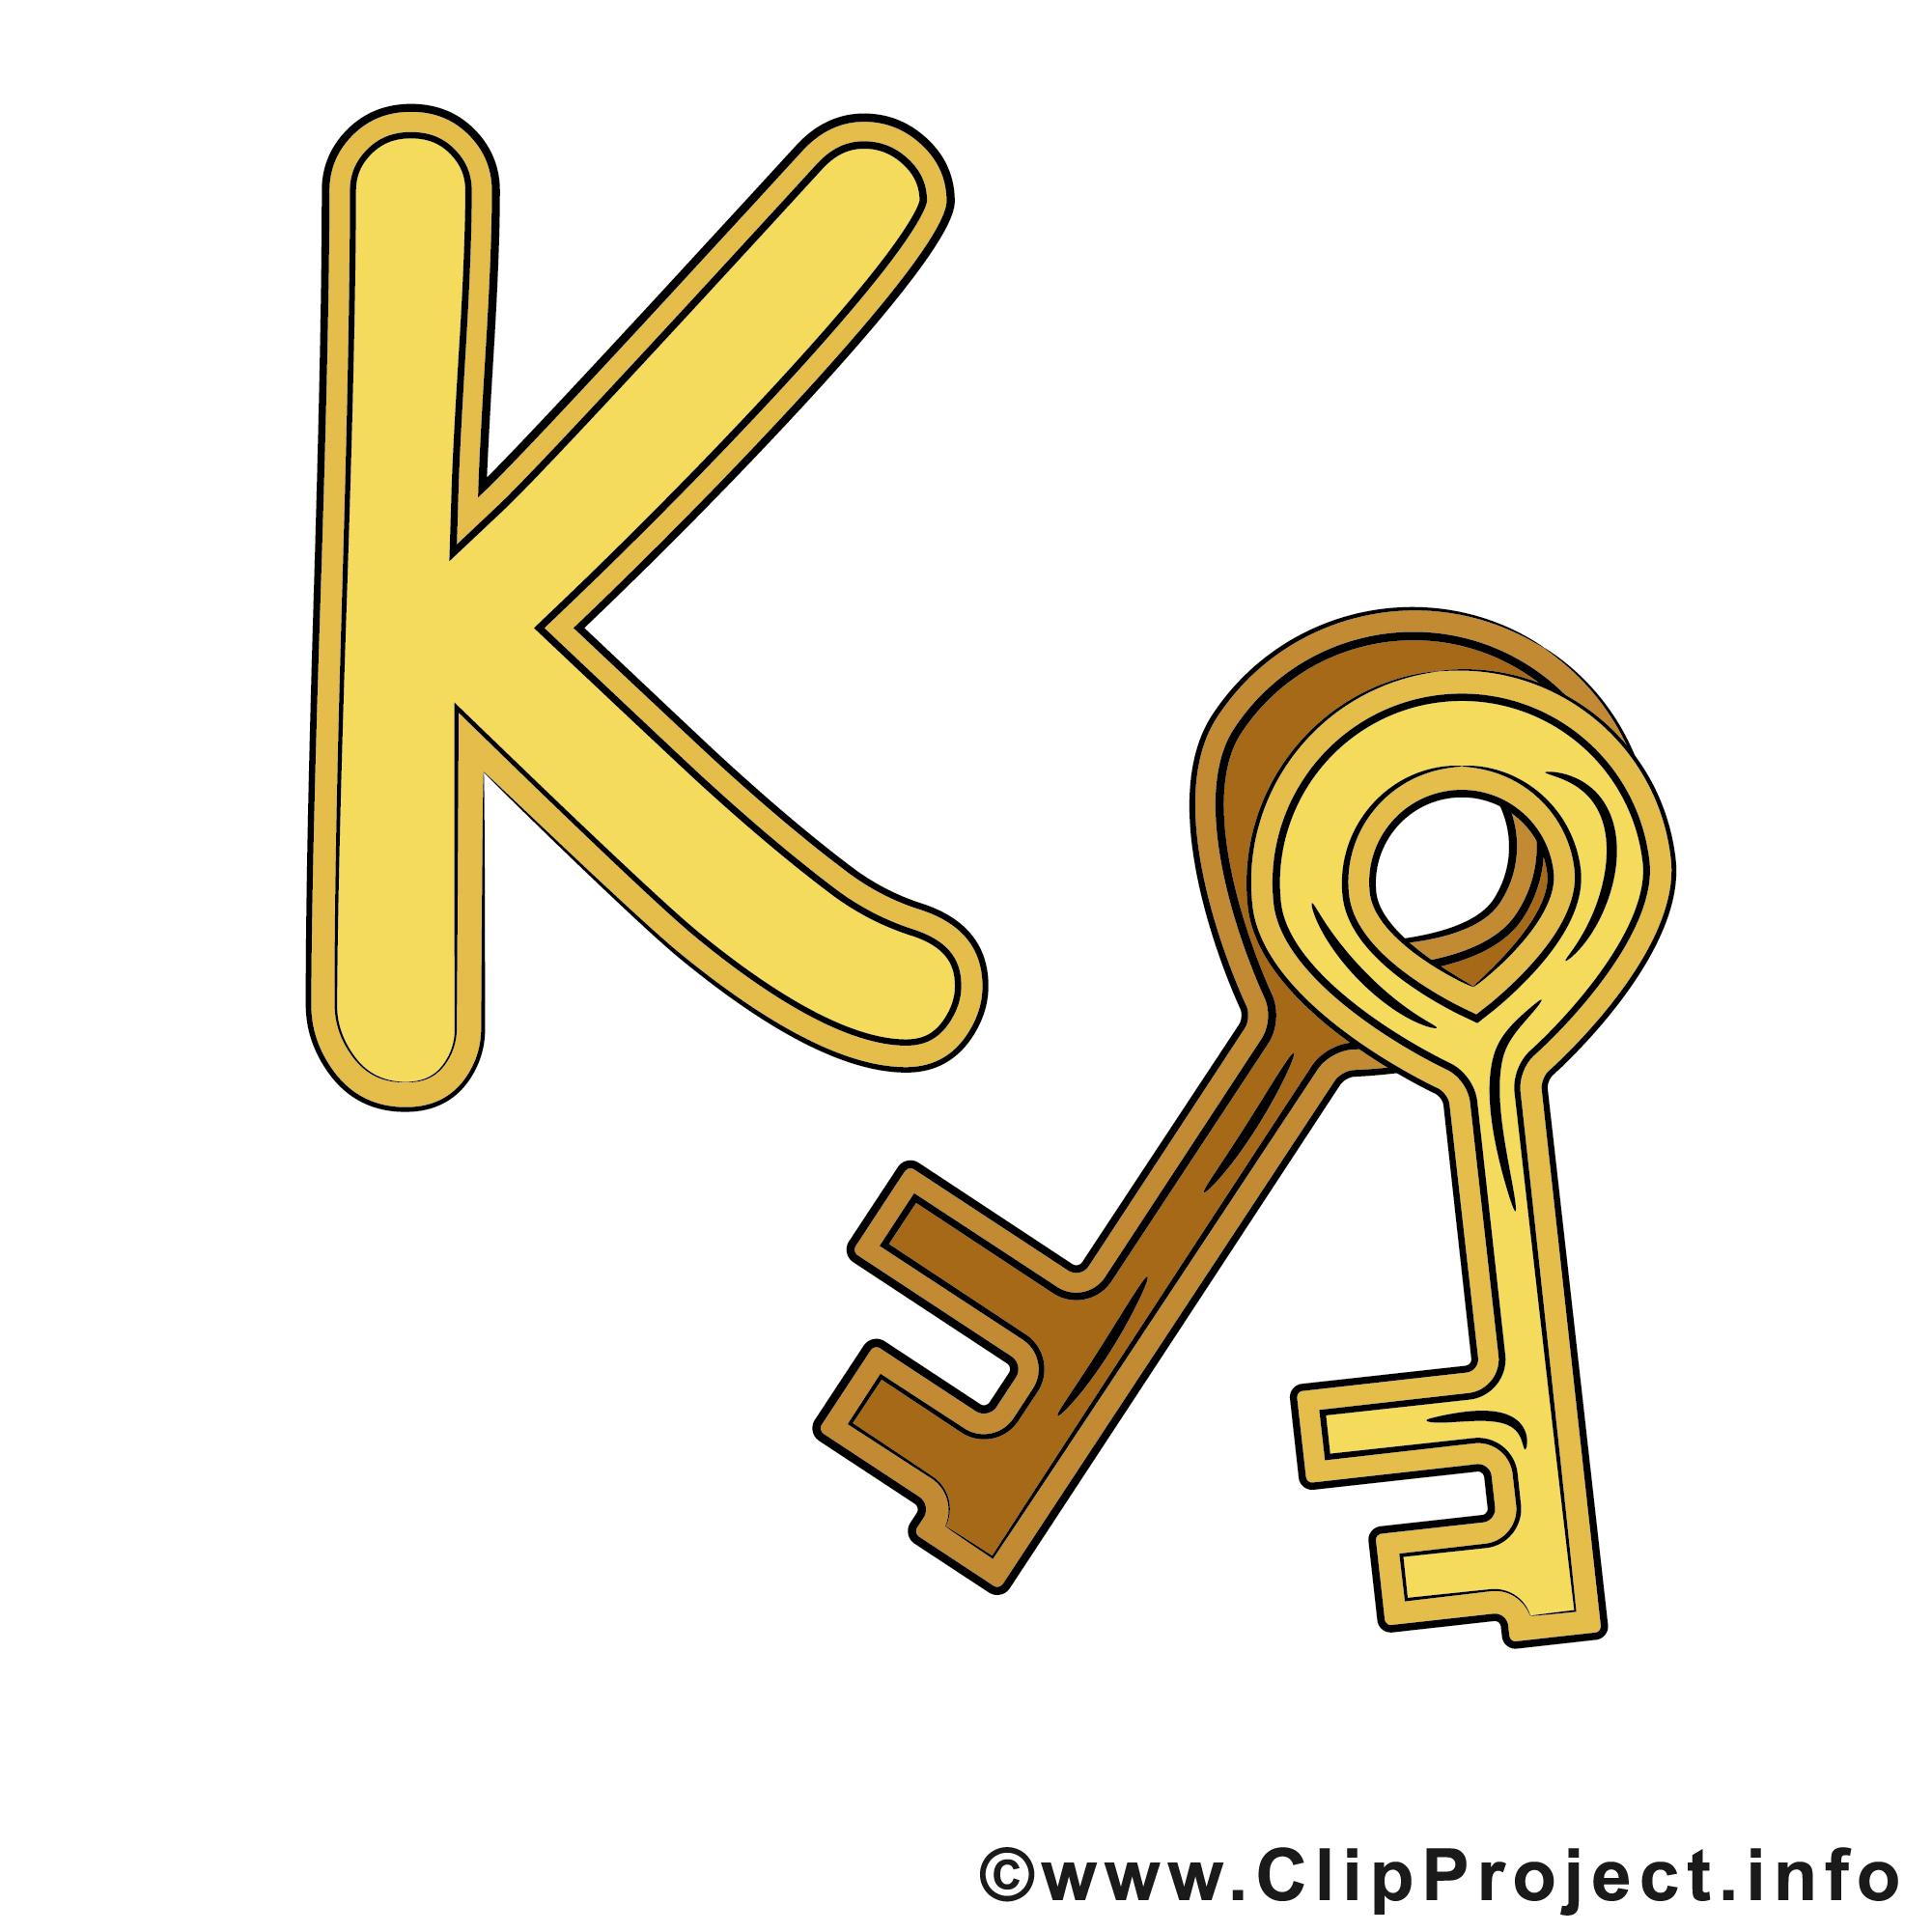 k key image  alphabet english images cliparts  alphabet